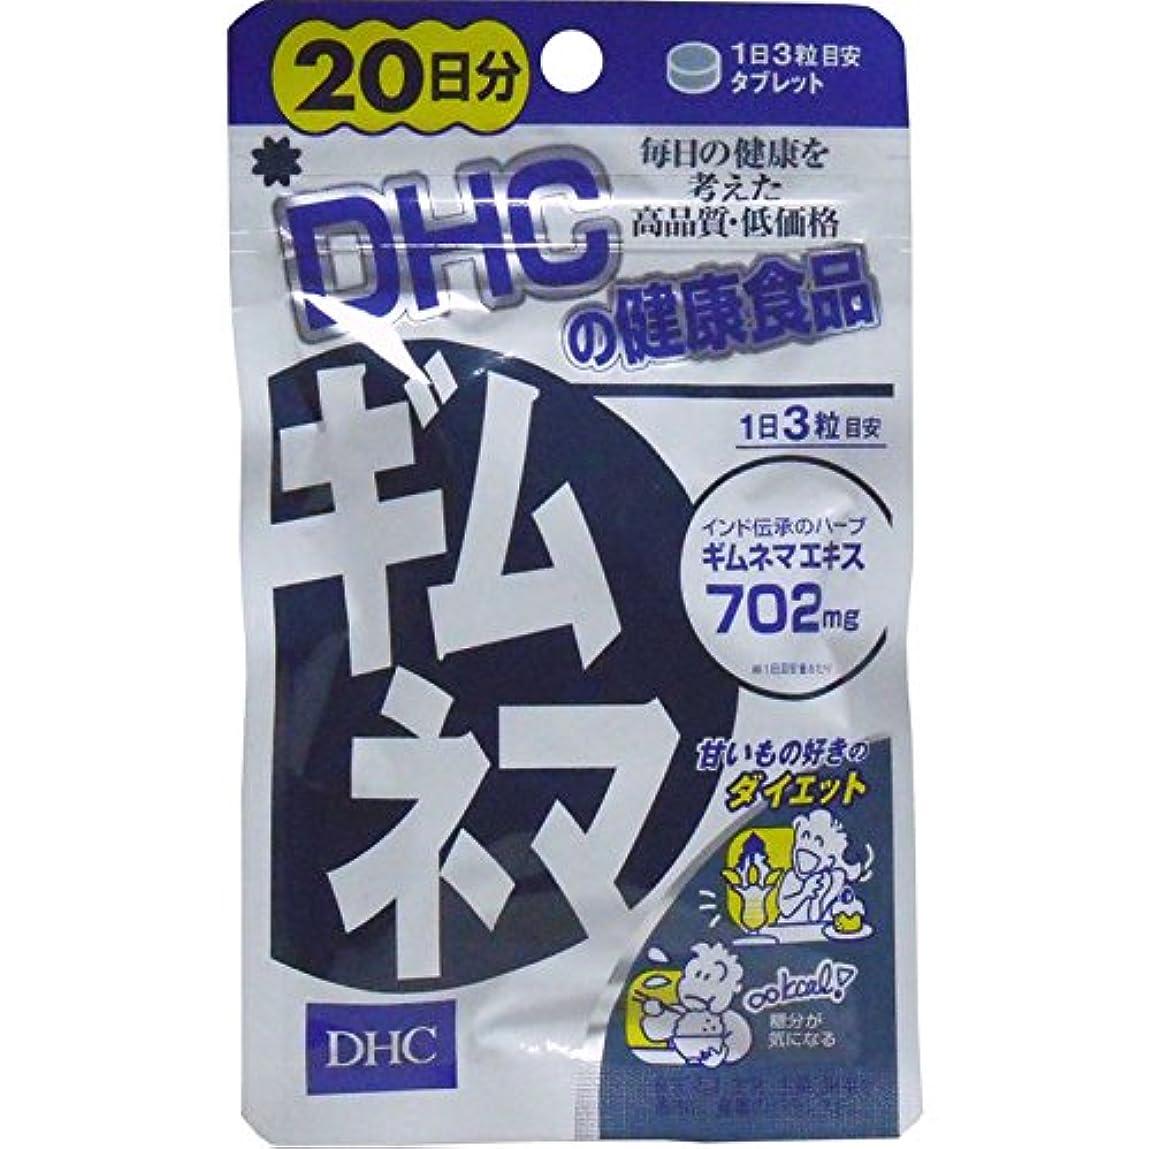 踊り子情熱的閉じ込める糖分や炭水化物を多く摂る人に DHC ギムネマ 20日分 60粒